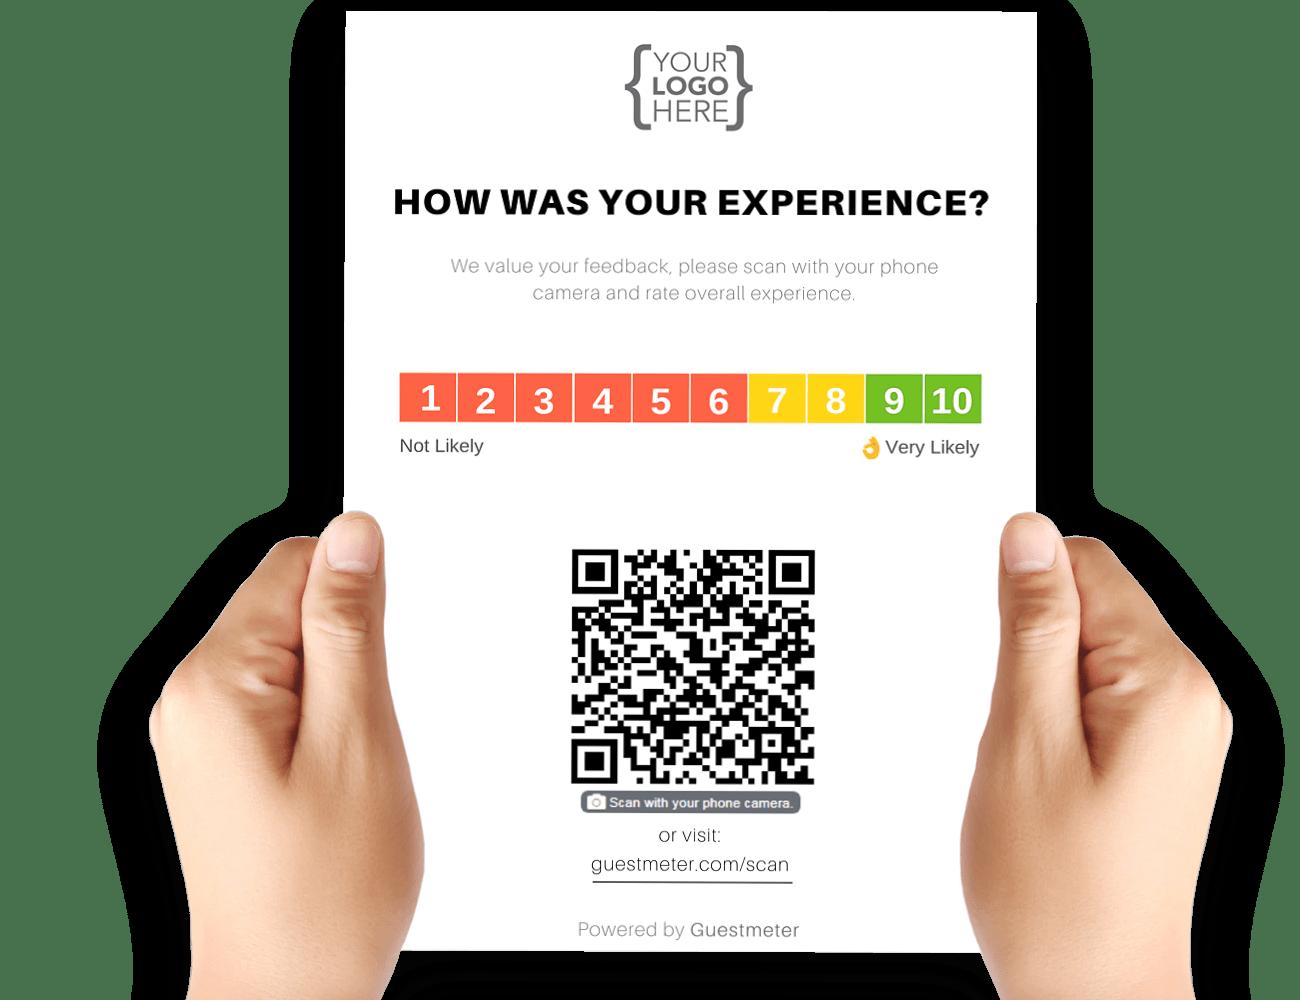 Guesthouse / B&B QR Code Survey